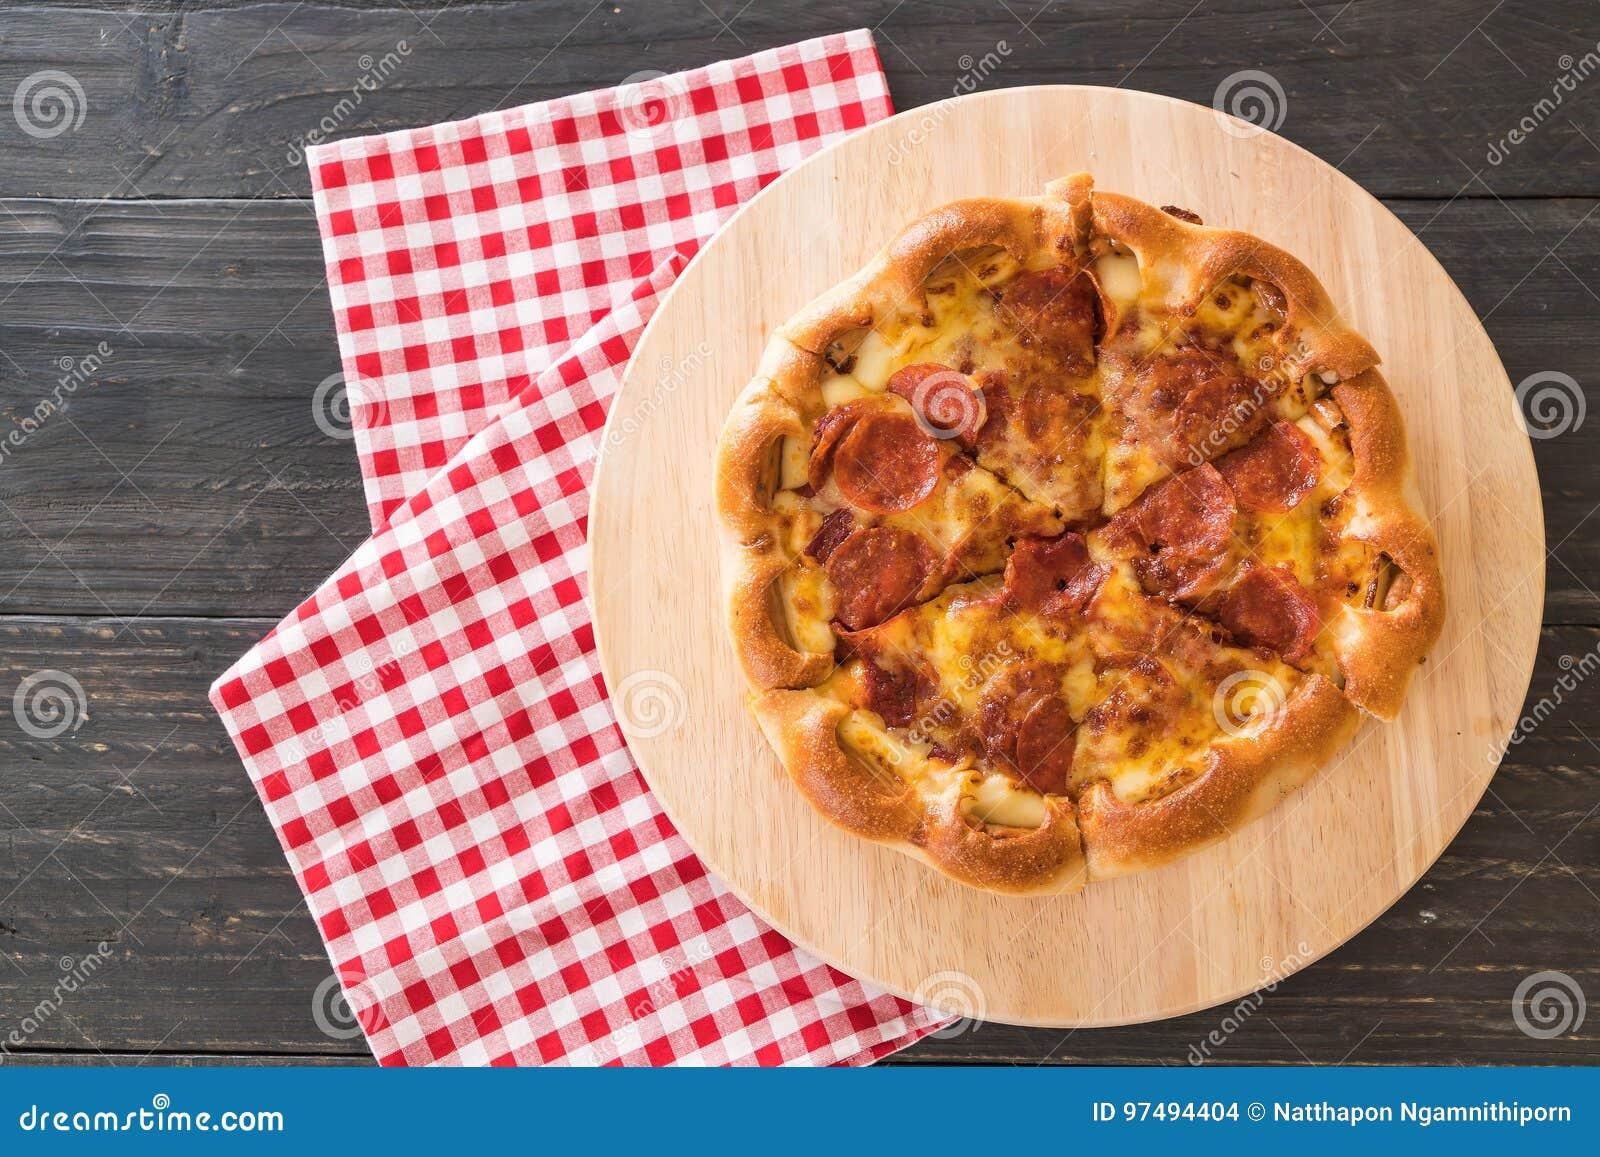 Pizza di merguez casalinga sul piatto di legno